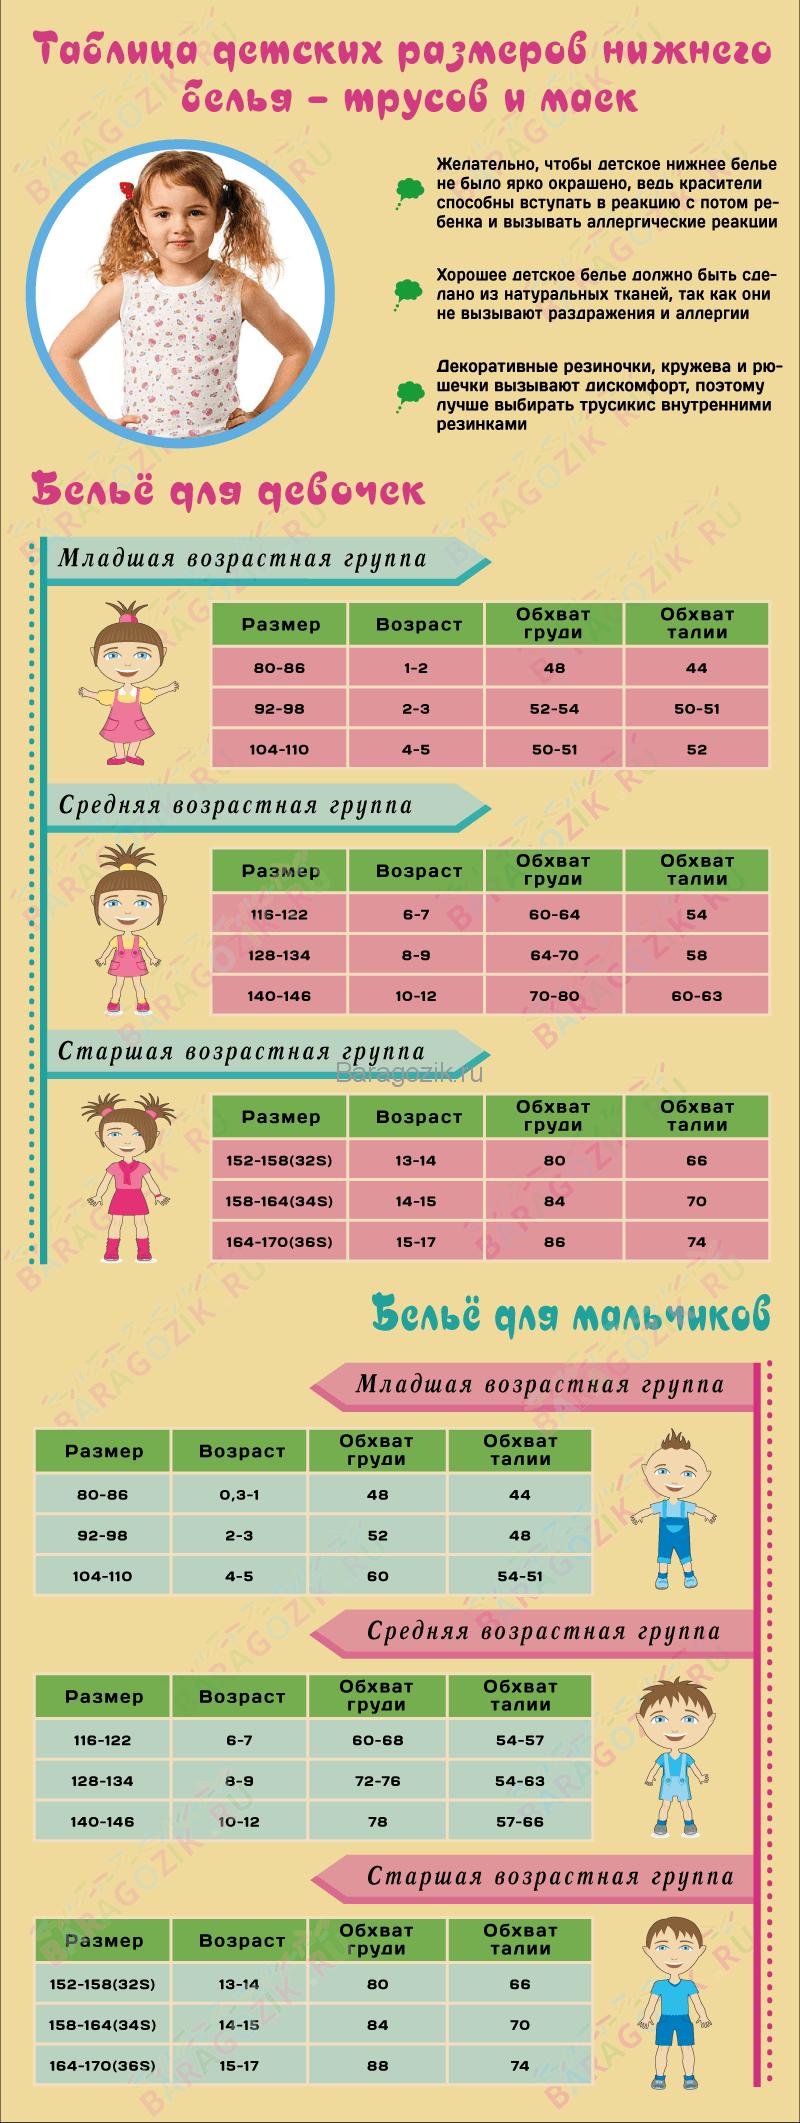 Размеры детских маек и трусов в одной таблице